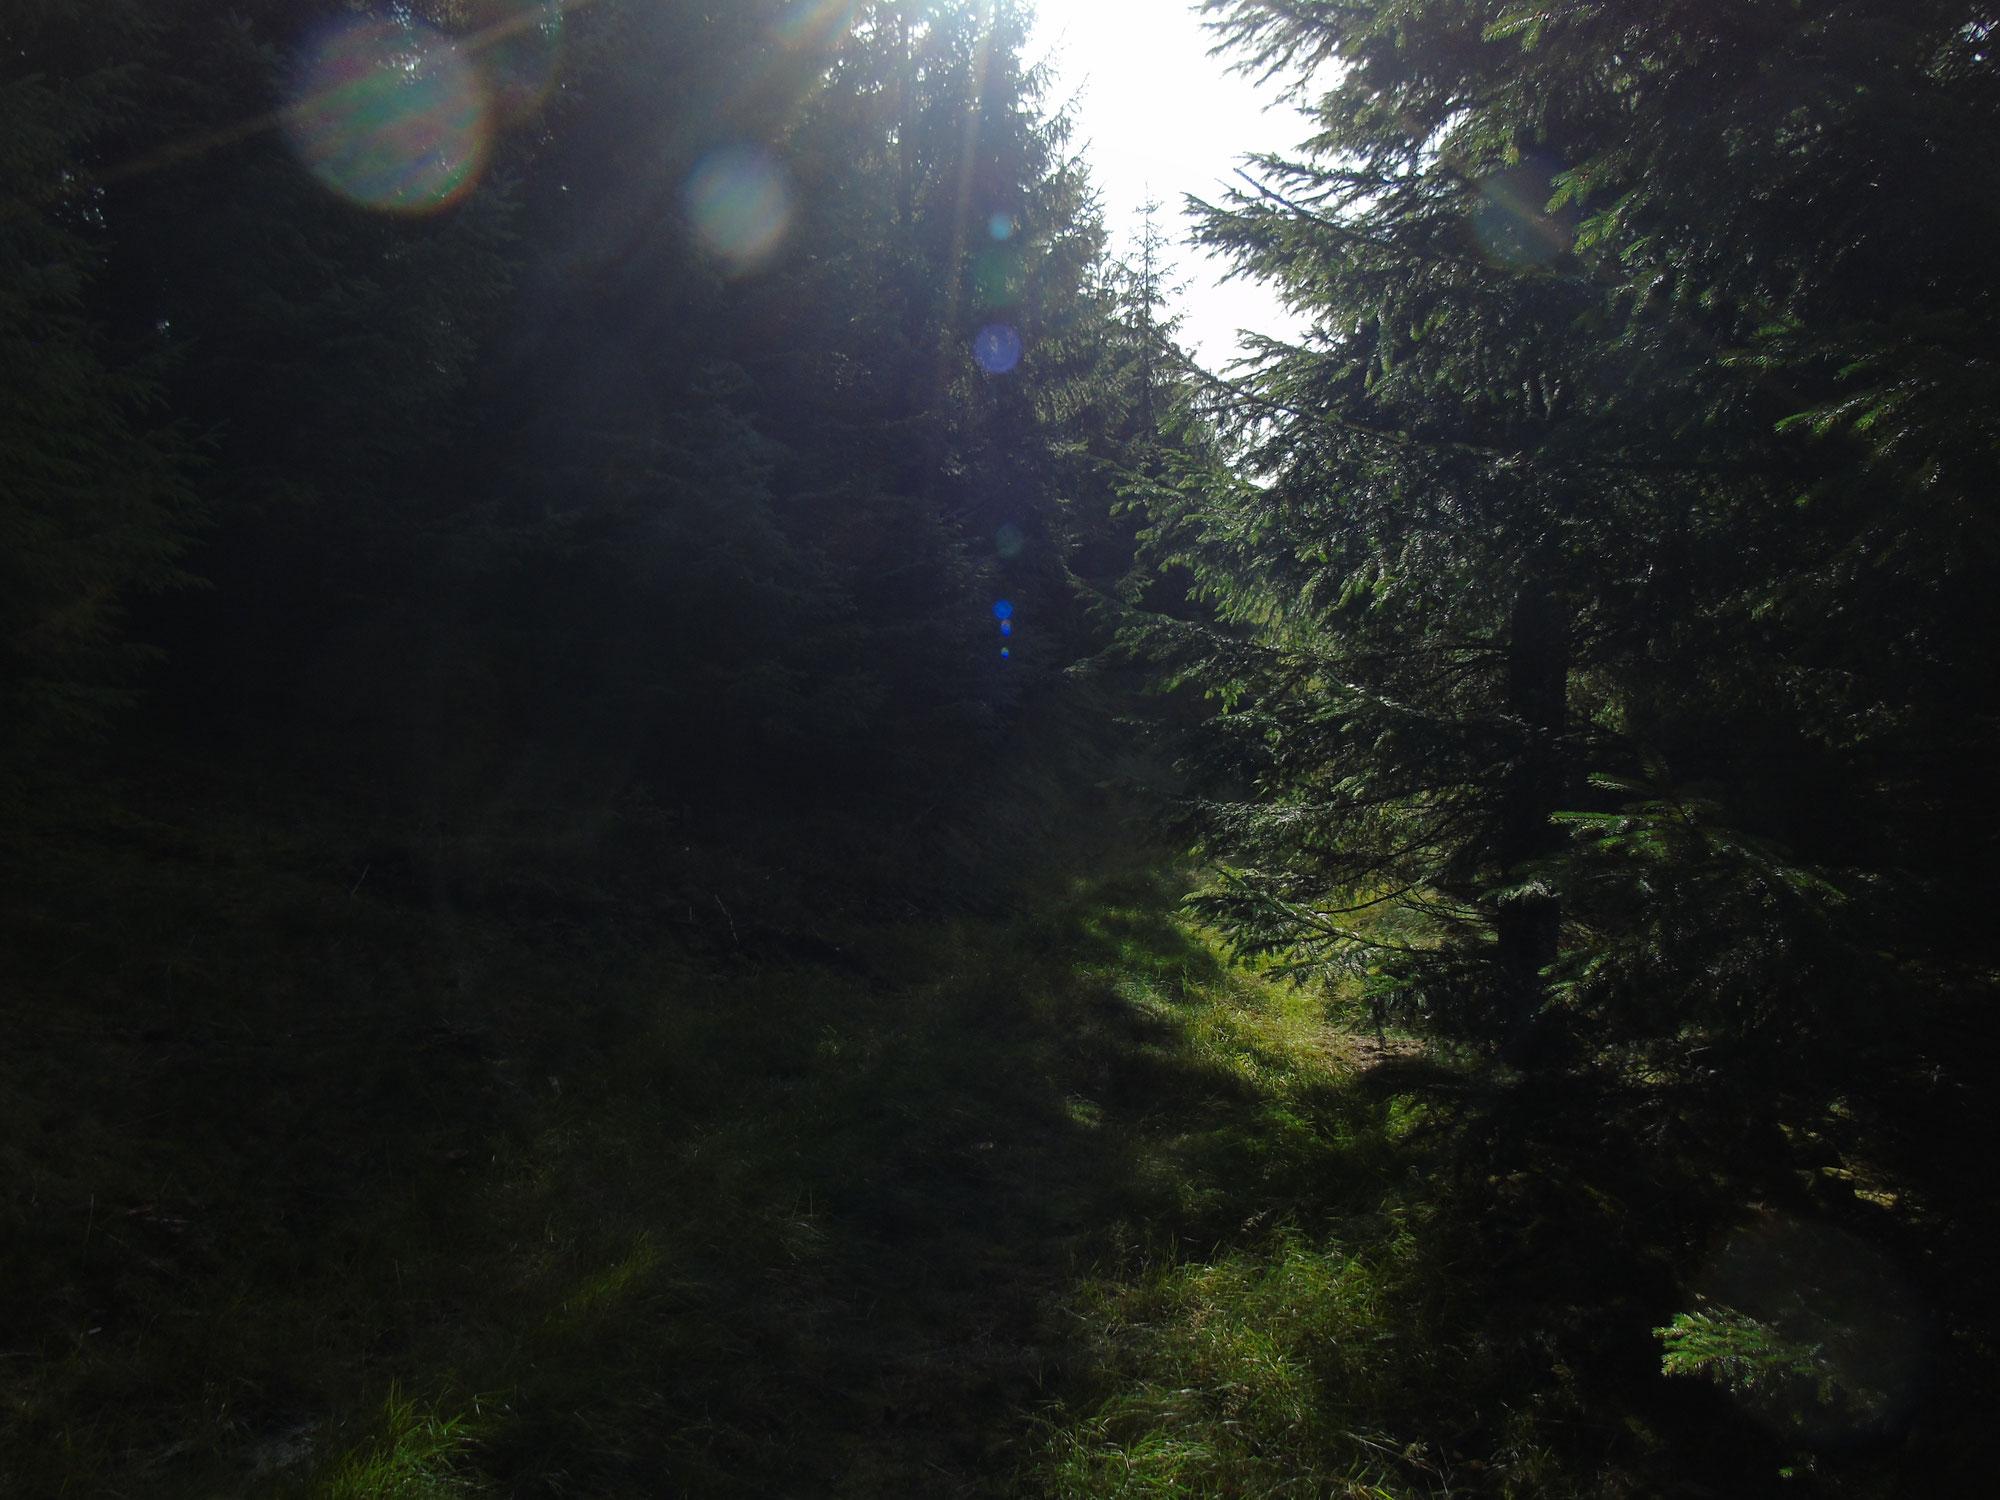 Waldspaziergang am Freitag - 19